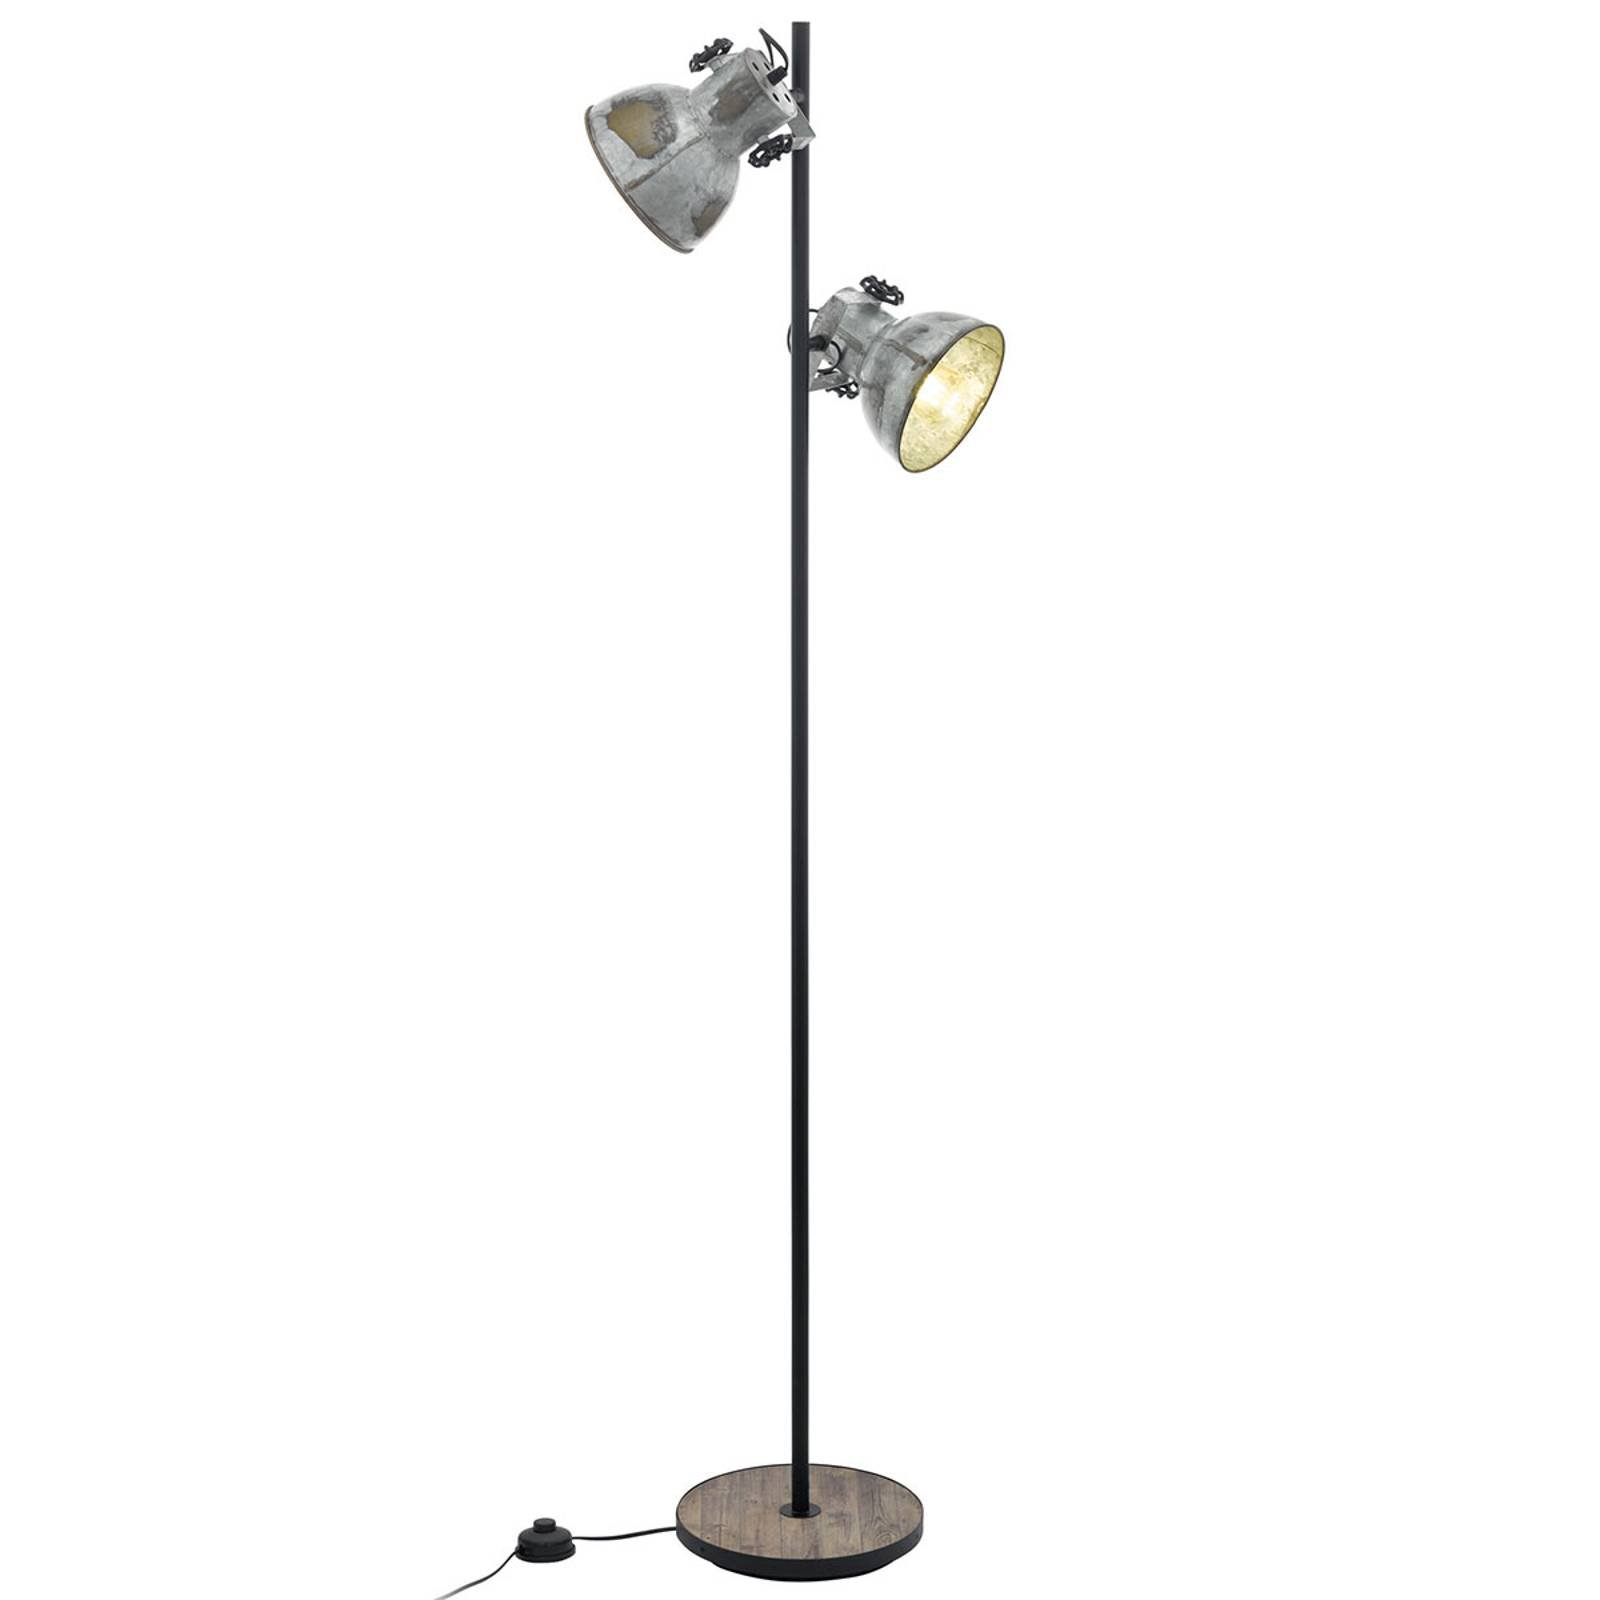 Gulvlampe Barnstaple, 2 lyskilder